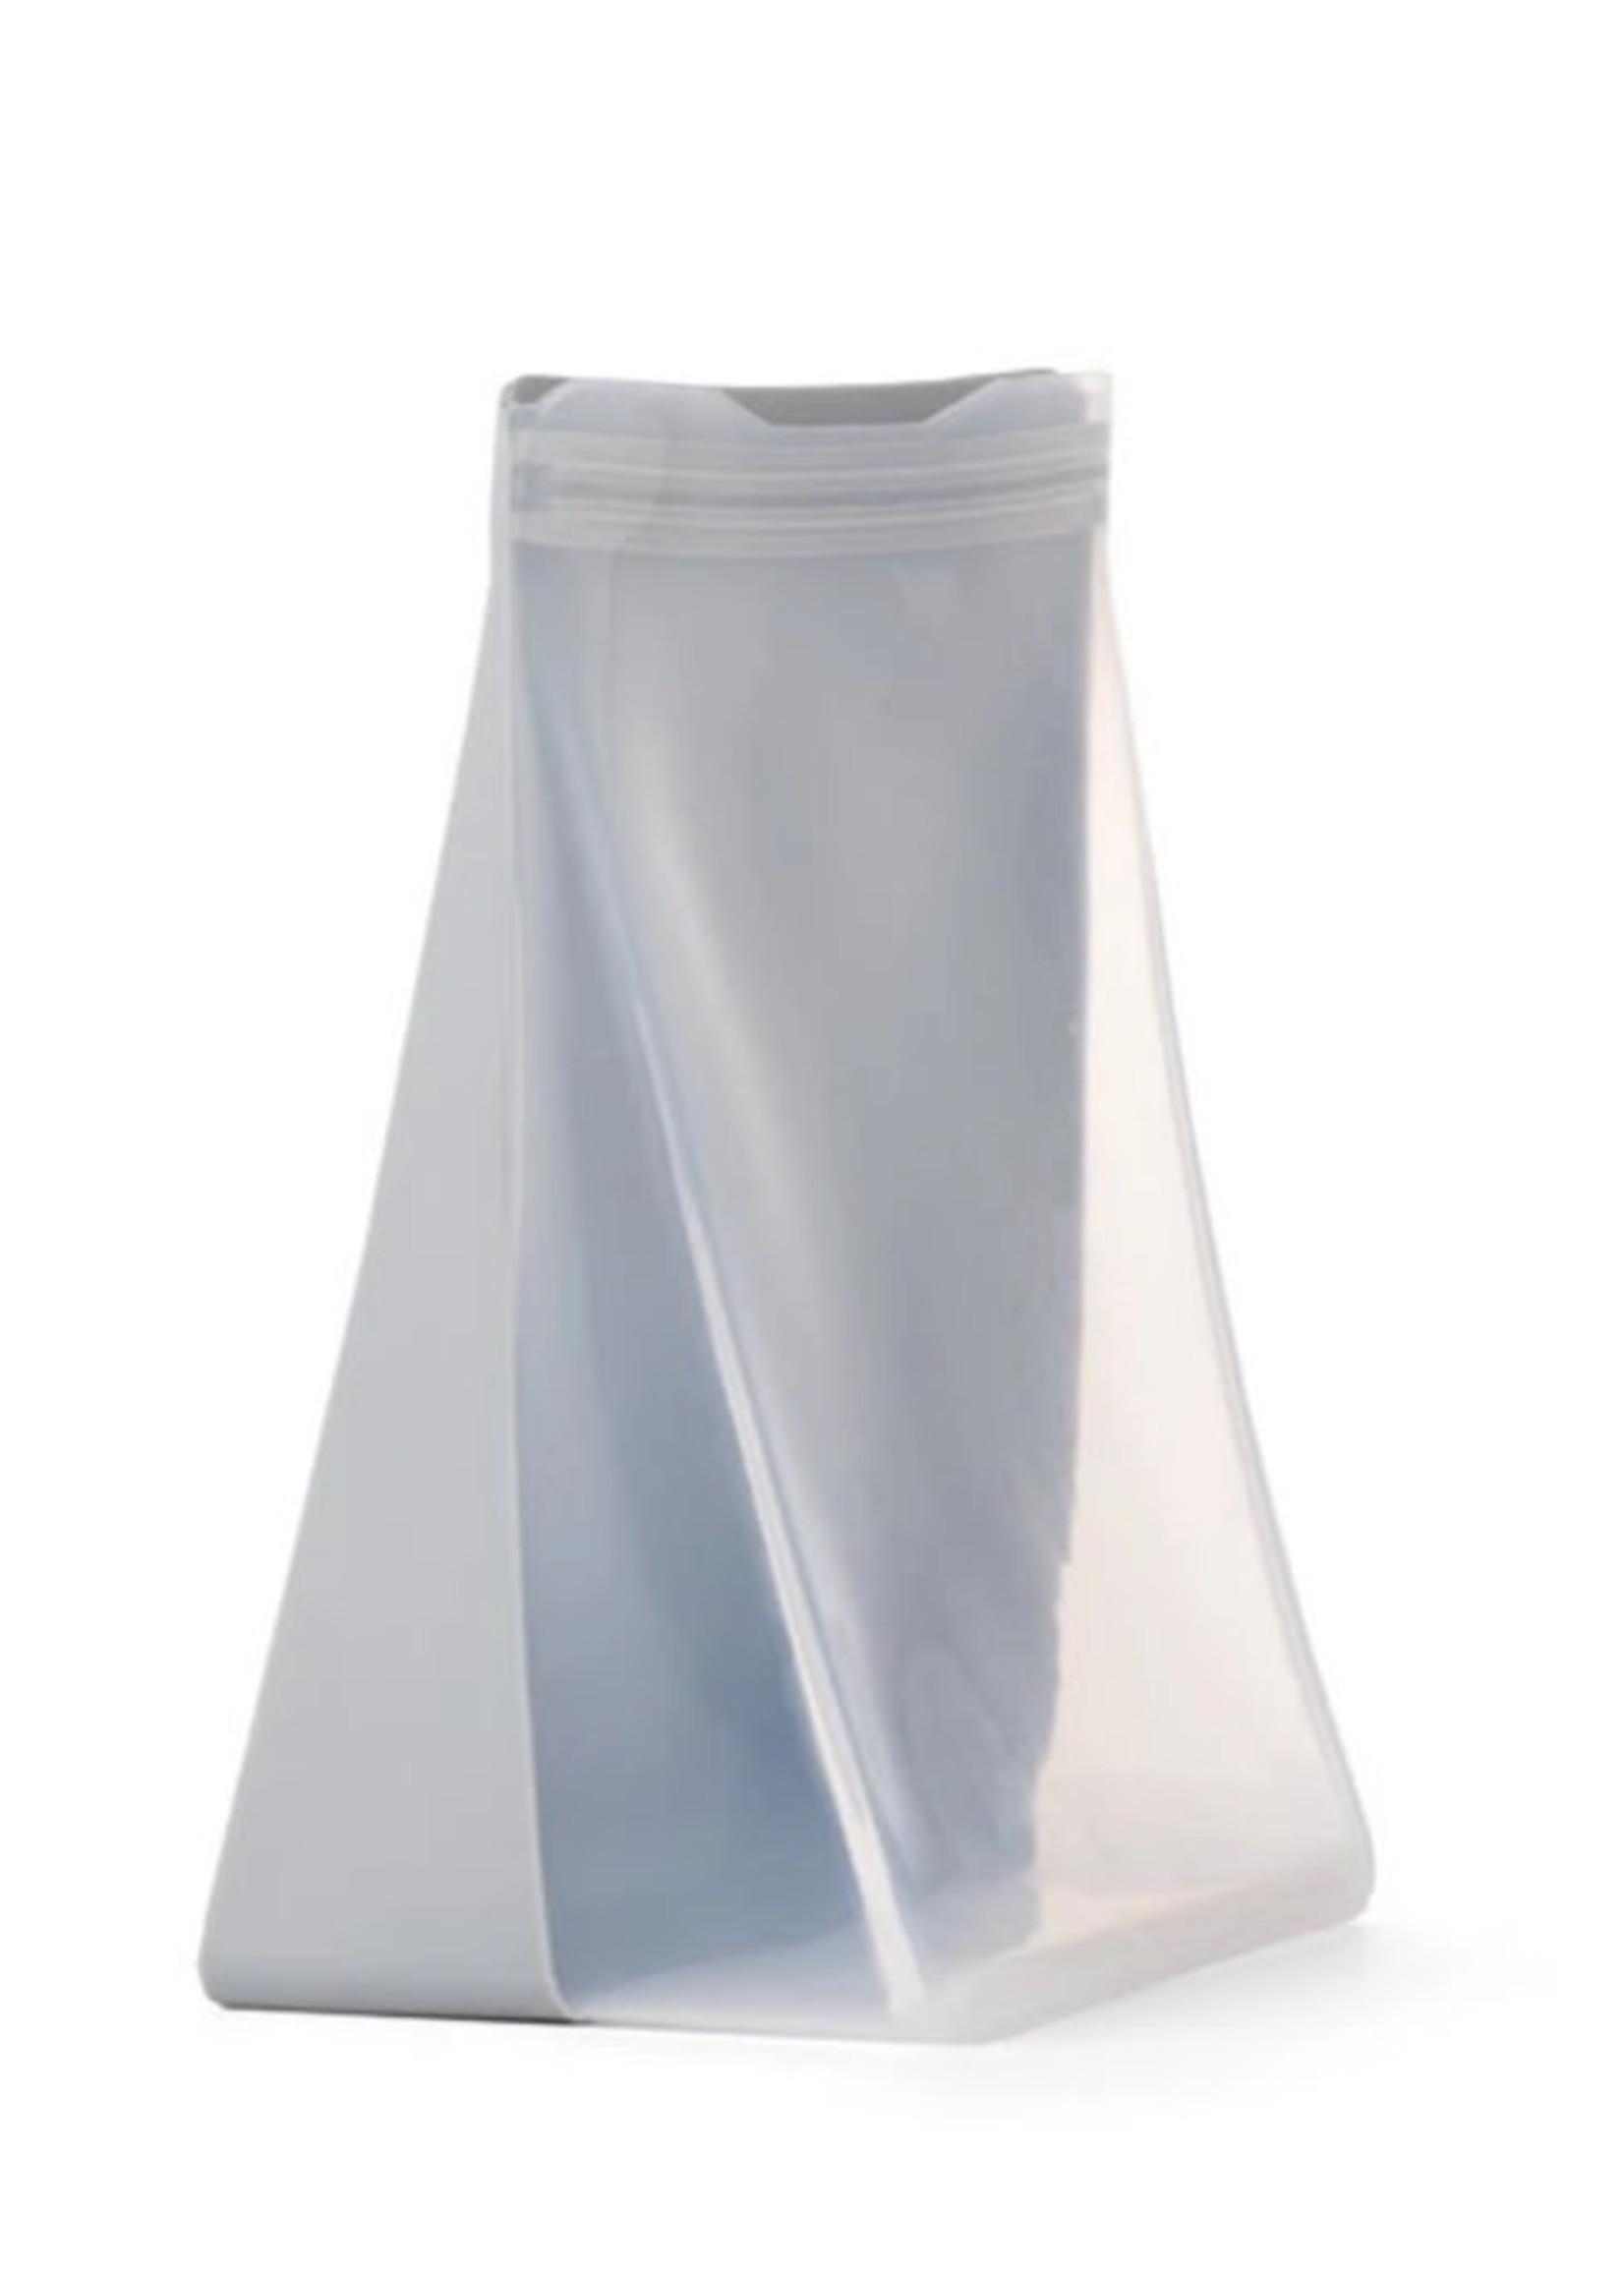 Porter Porter Silcone Storage Bag Stand Up -  36oz Slate